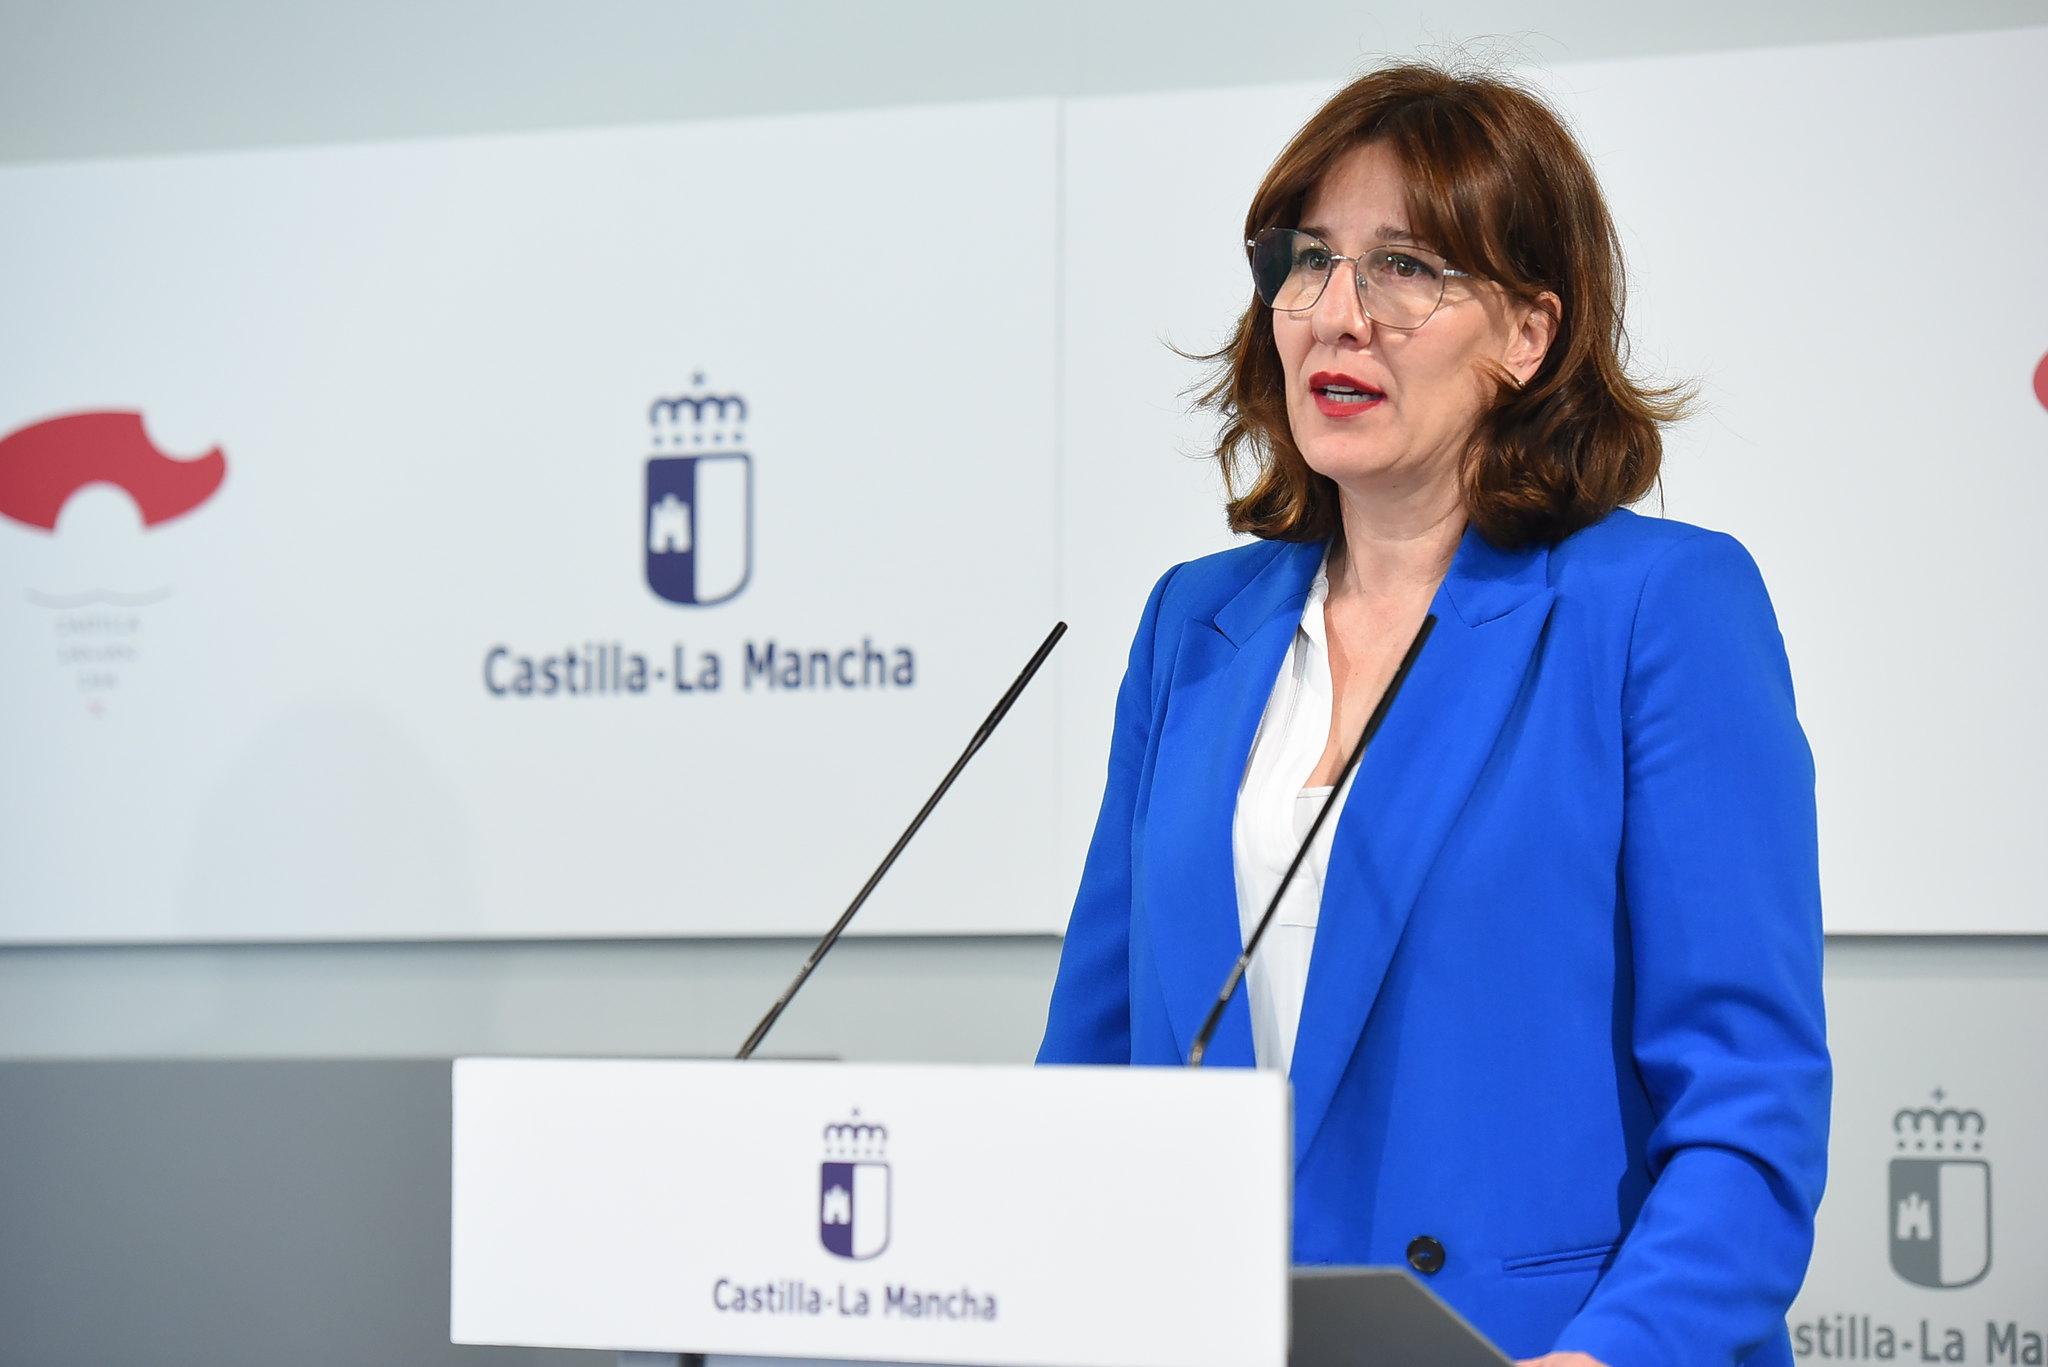 """Blanca Fernández, portavoz del Gobierno de CLM, ha criticado duramente la actitud """"irresponsable"""" de Paco Núñez, presidente del PP regional."""